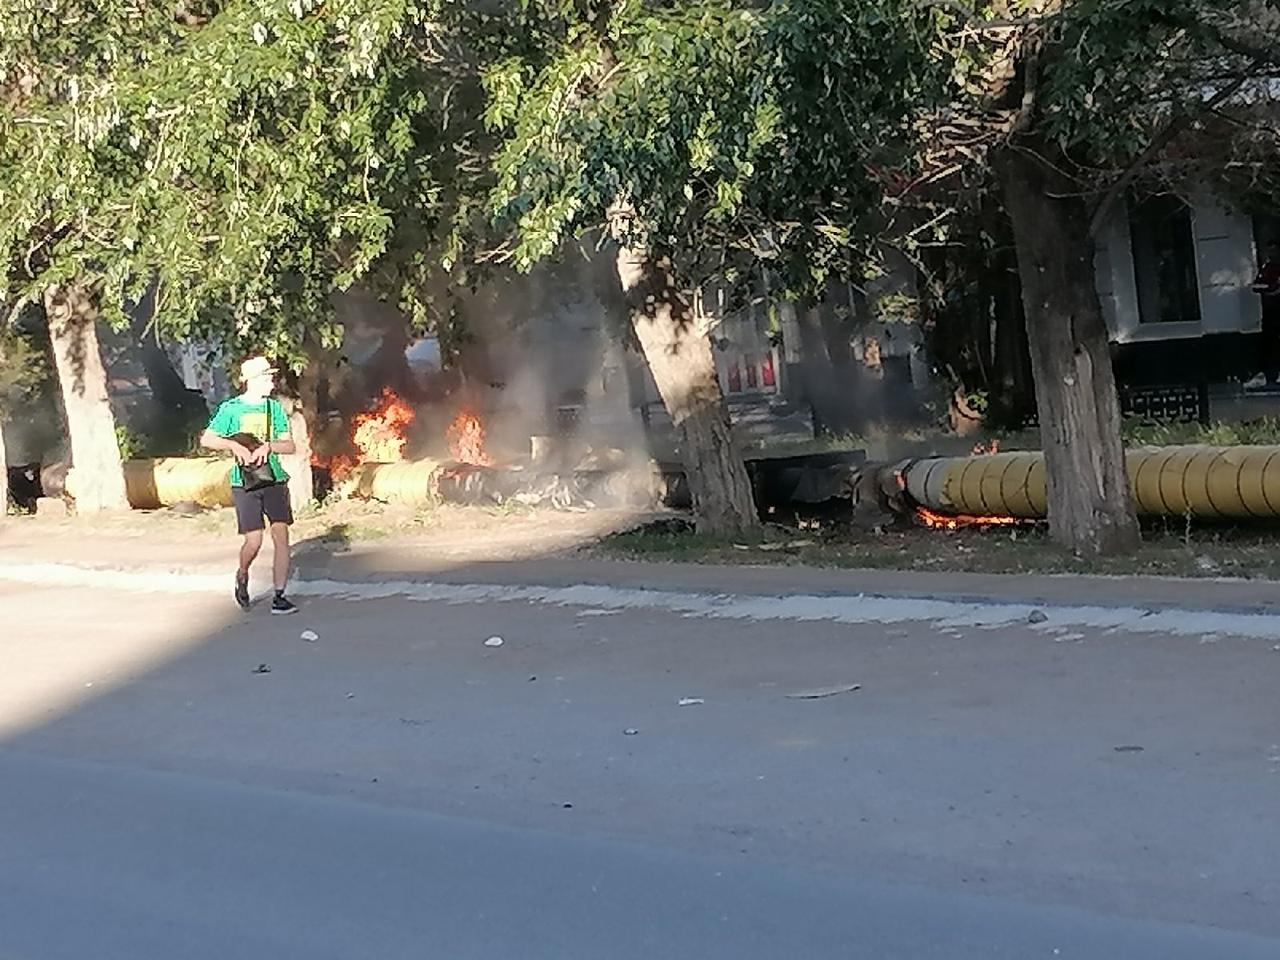 Юные омичи массово поджигают тополиный пух и устраивают пожары #Омск #Общество #Сегодня